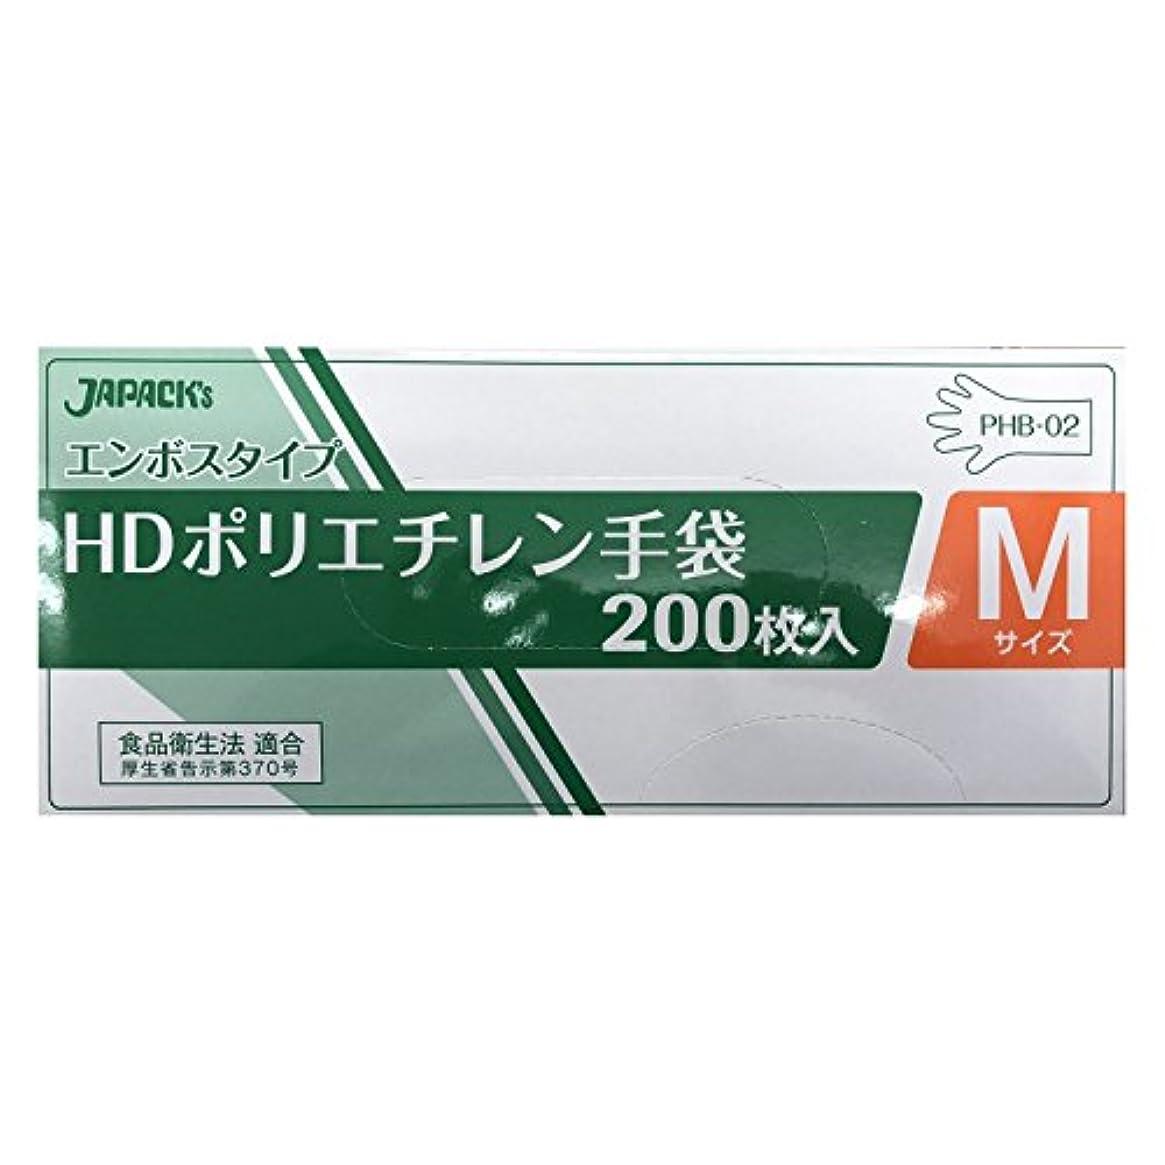 真鍮白菜スーツエンボスタイプ HDポリエチレン手袋 Mサイズ BOX 200枚入 無着色 PHB-02